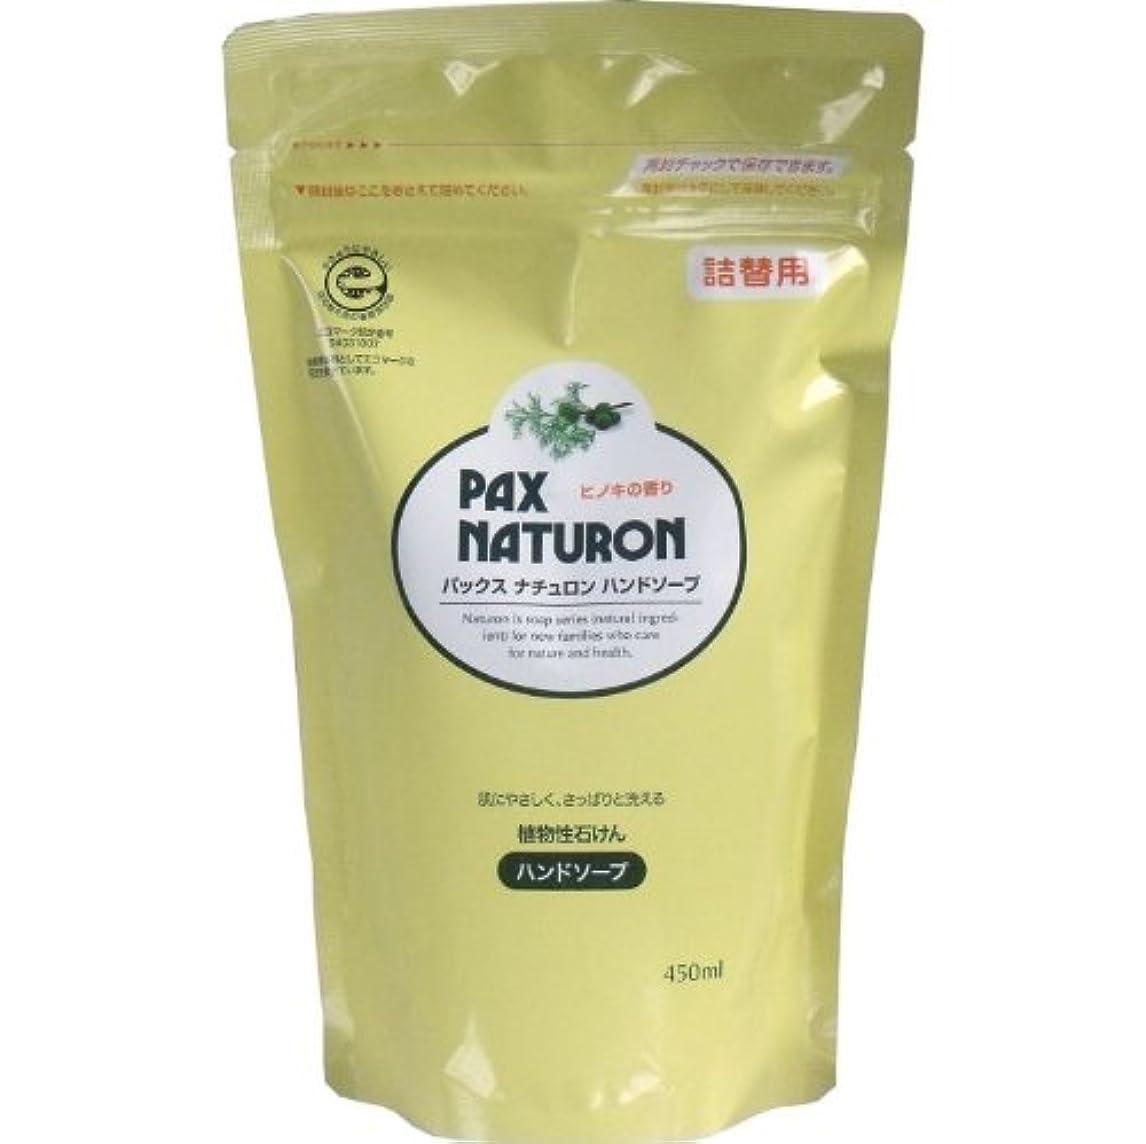 匹敵します陰気換気する肌にやさしく、さっぱりと洗える植物性石けん!植物性ハンドソープ 詰替用 450mL